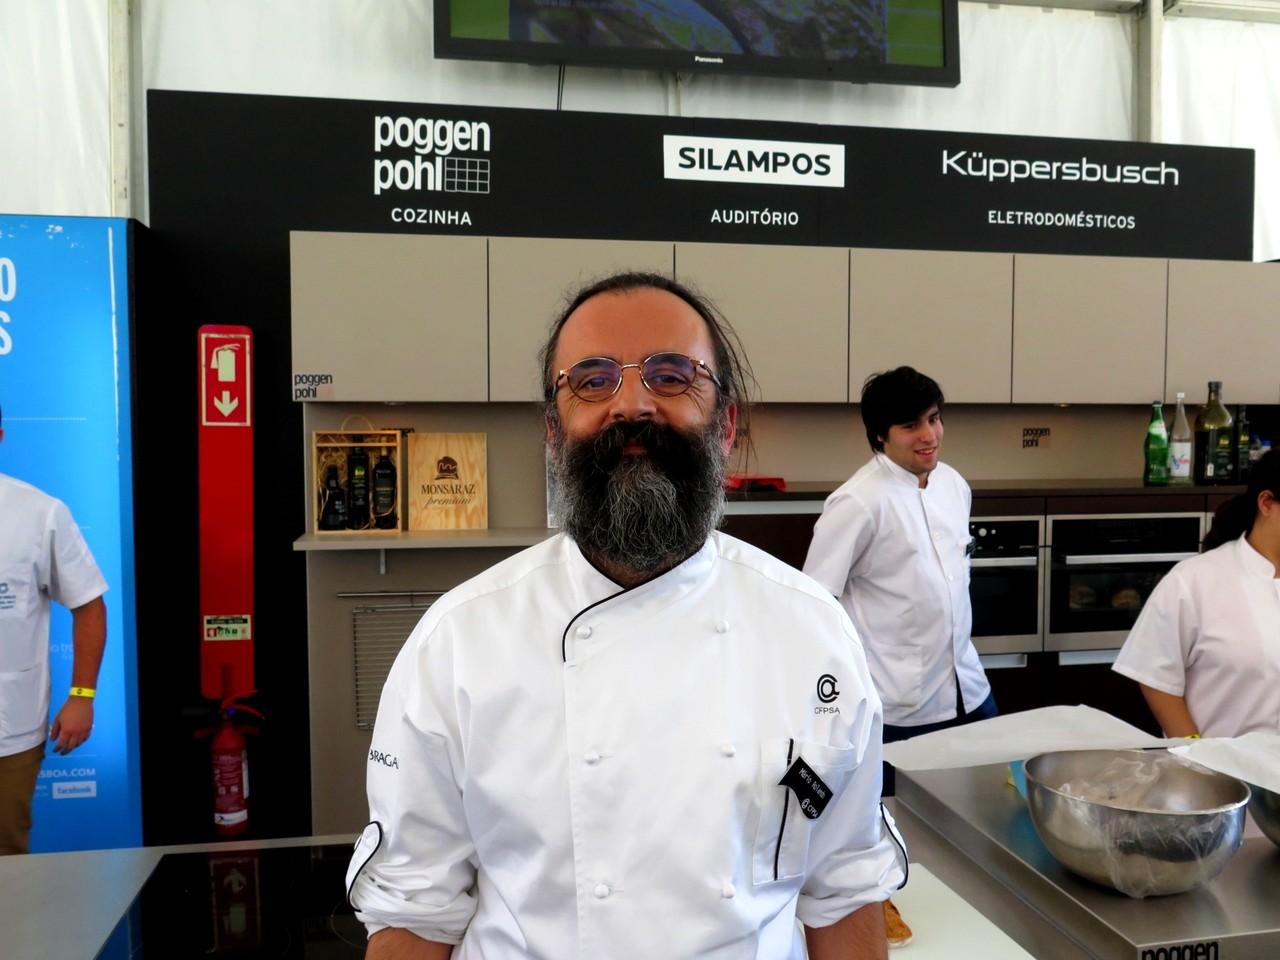 Mário Rolando Blanco Peres